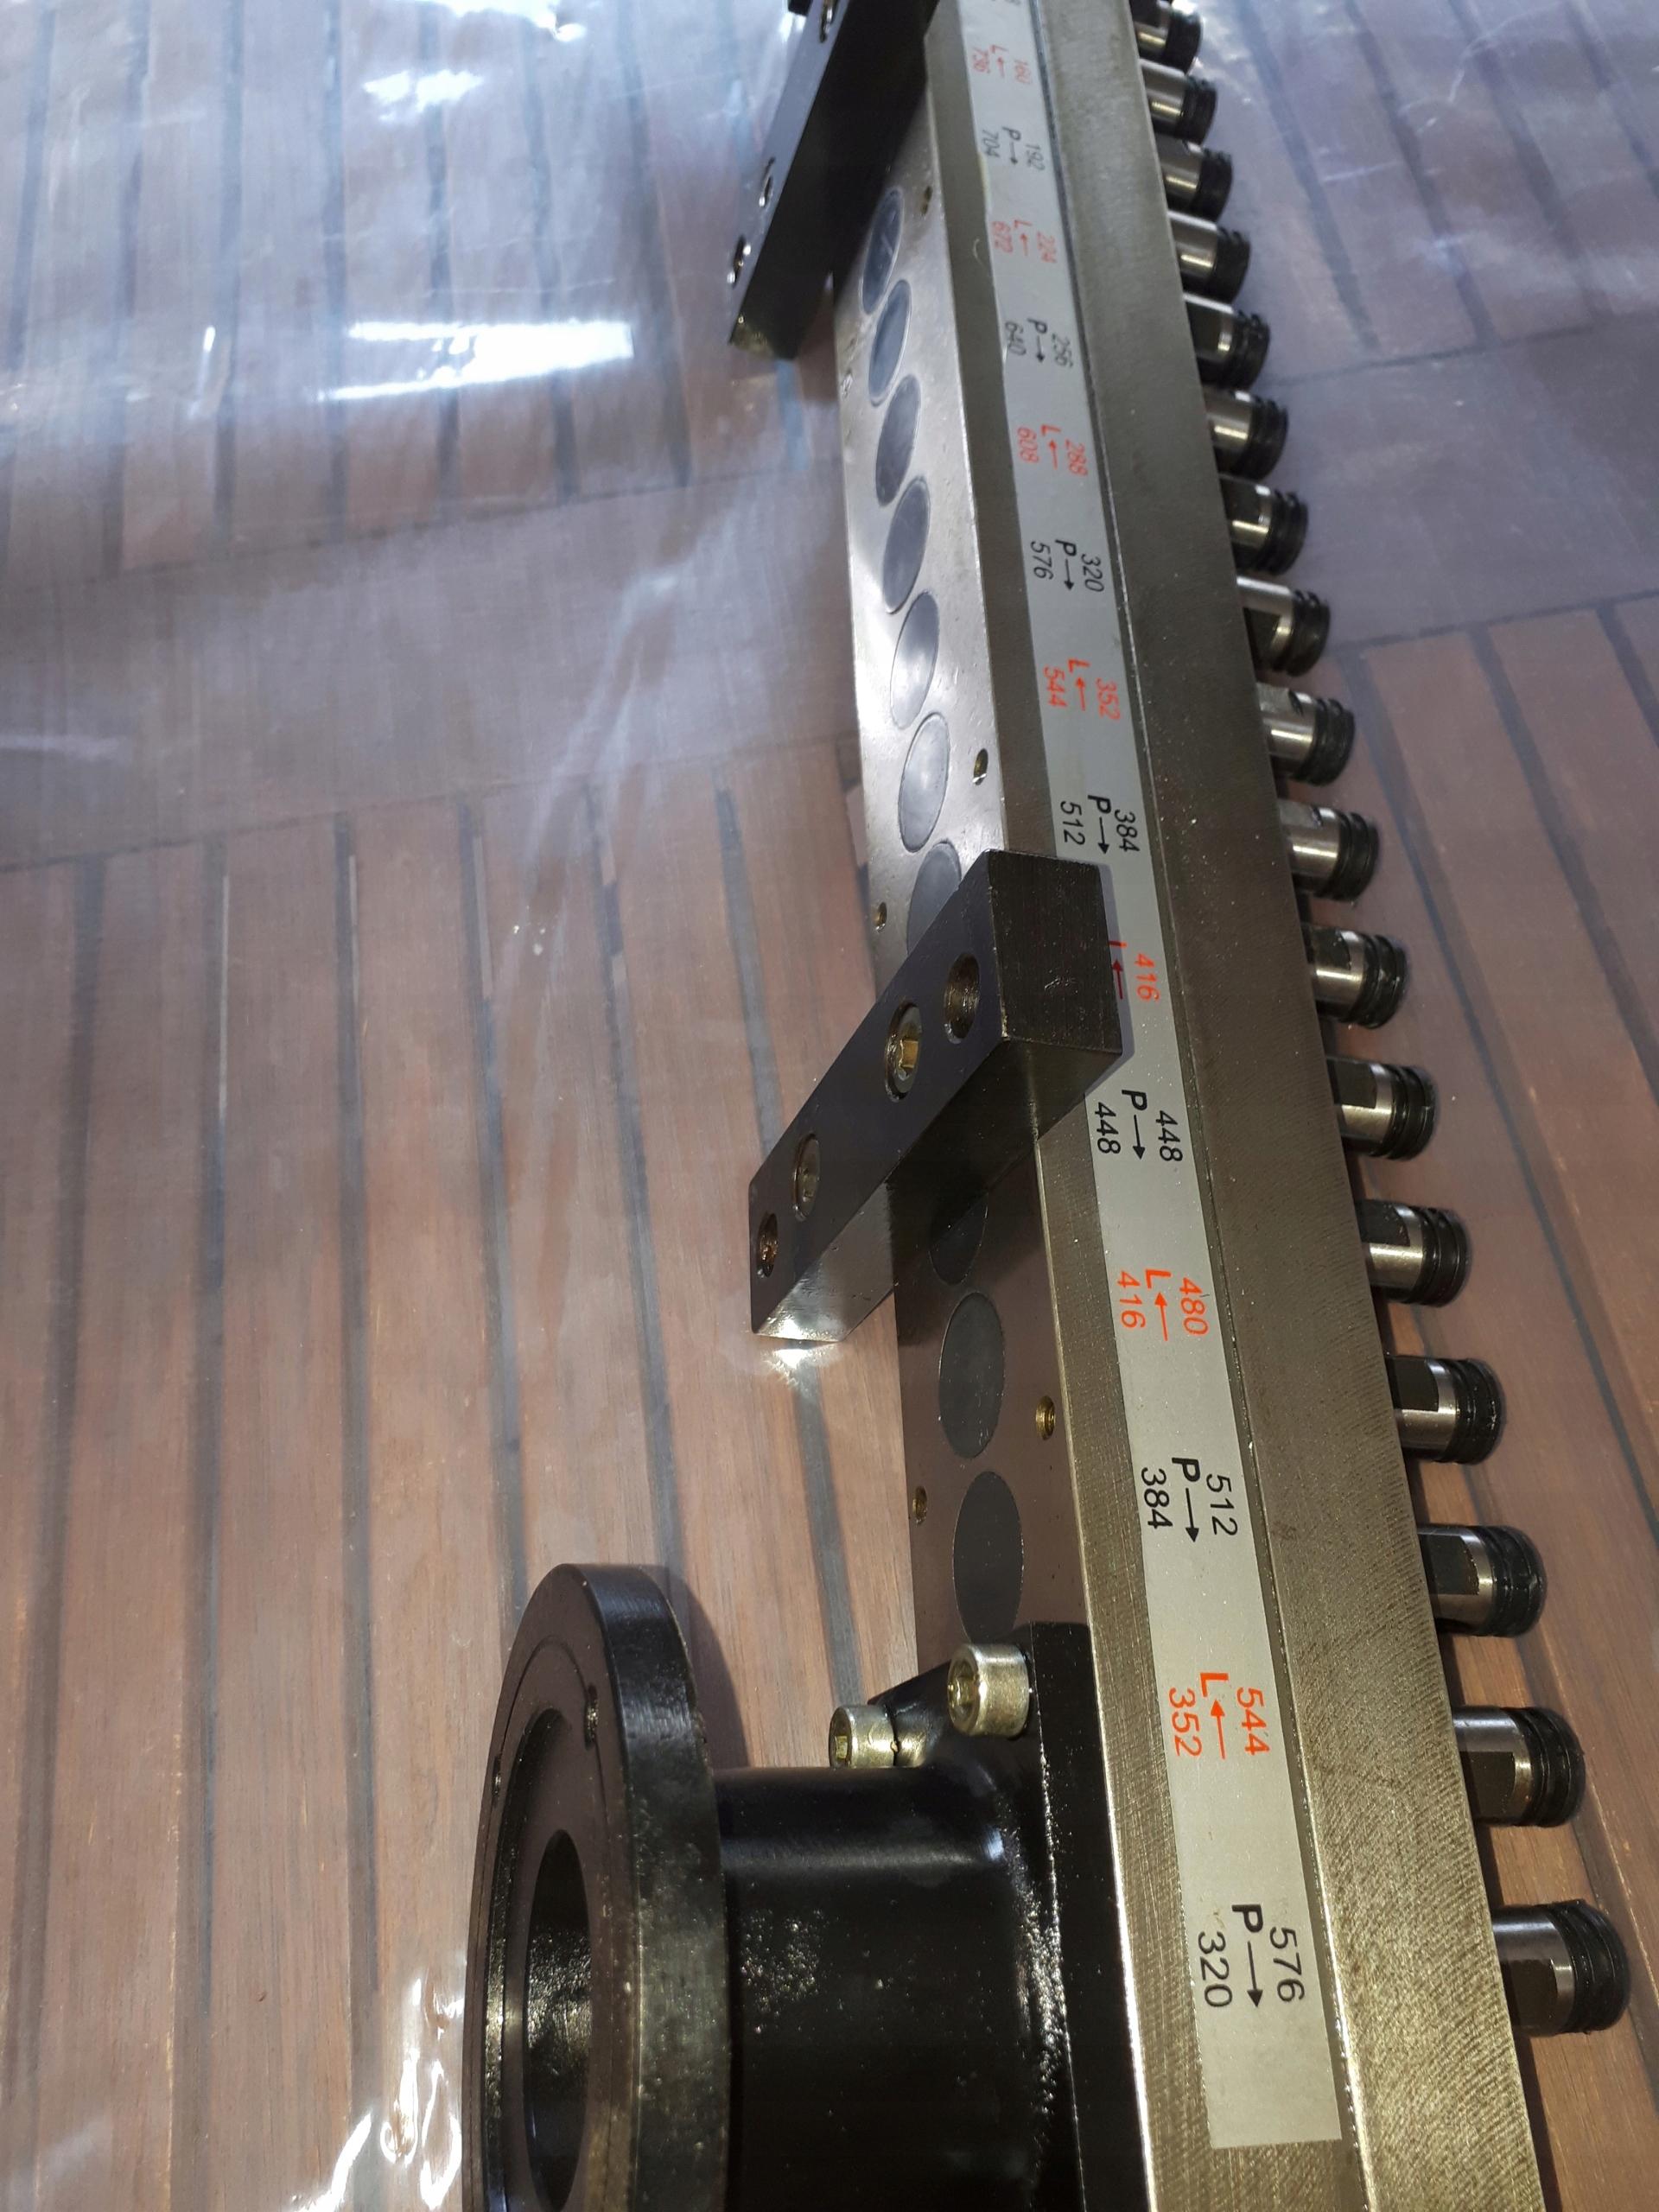 Groovy Głowica wiertarska wielowrzecionowa - 7592505882 - oficjalne GK11